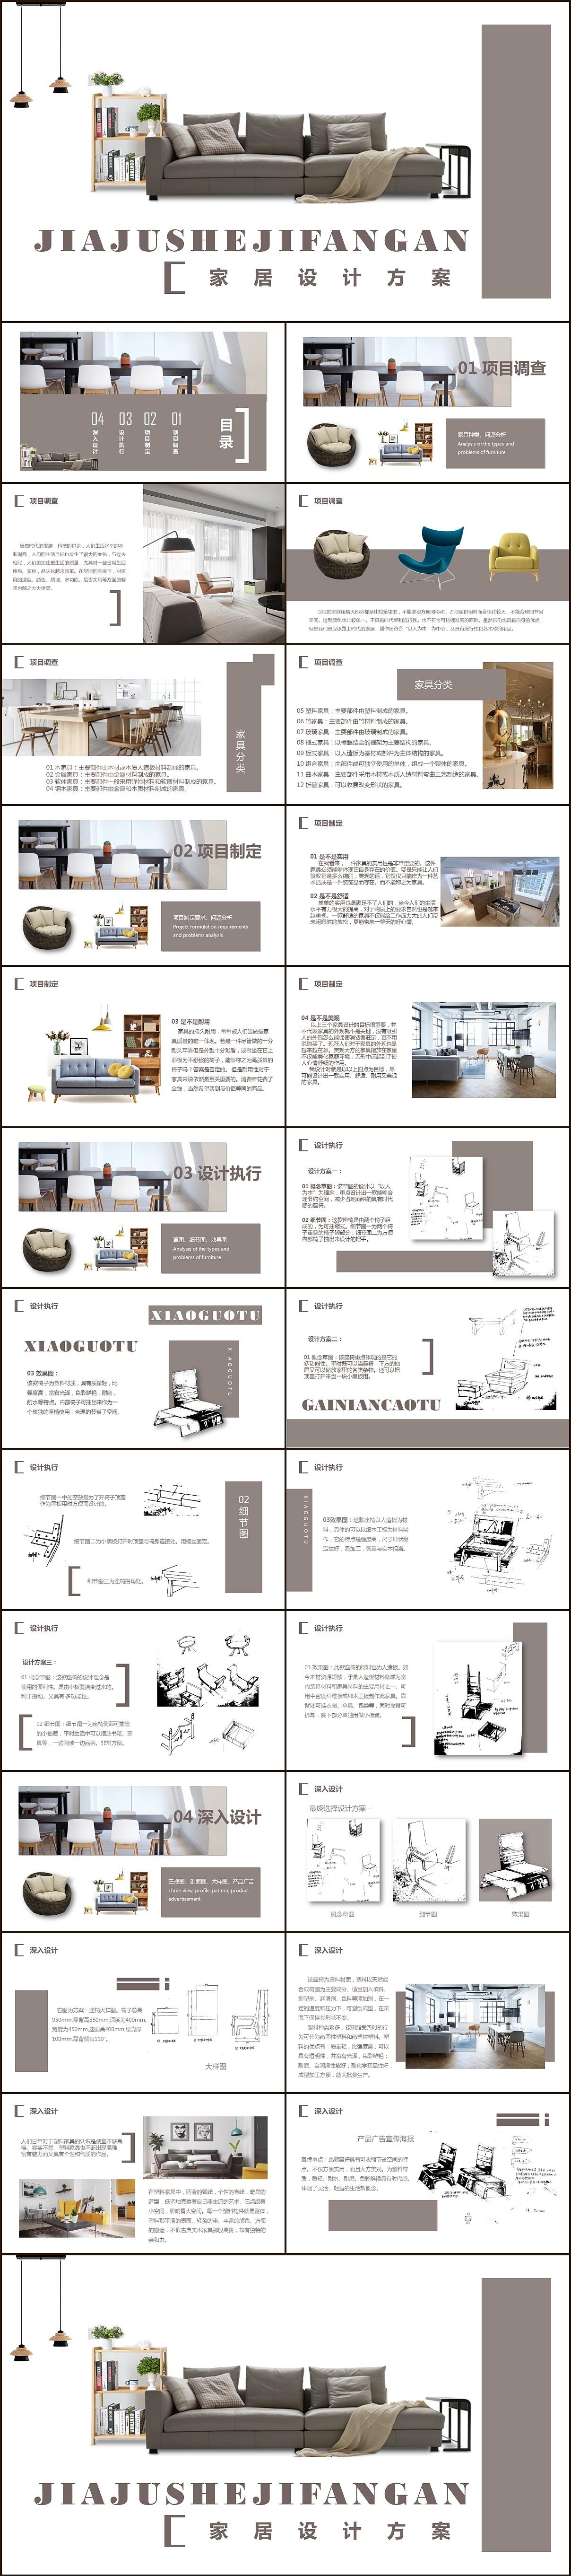 极致优雅享受生活家具公司企业项目设计方案书ppt模板图片